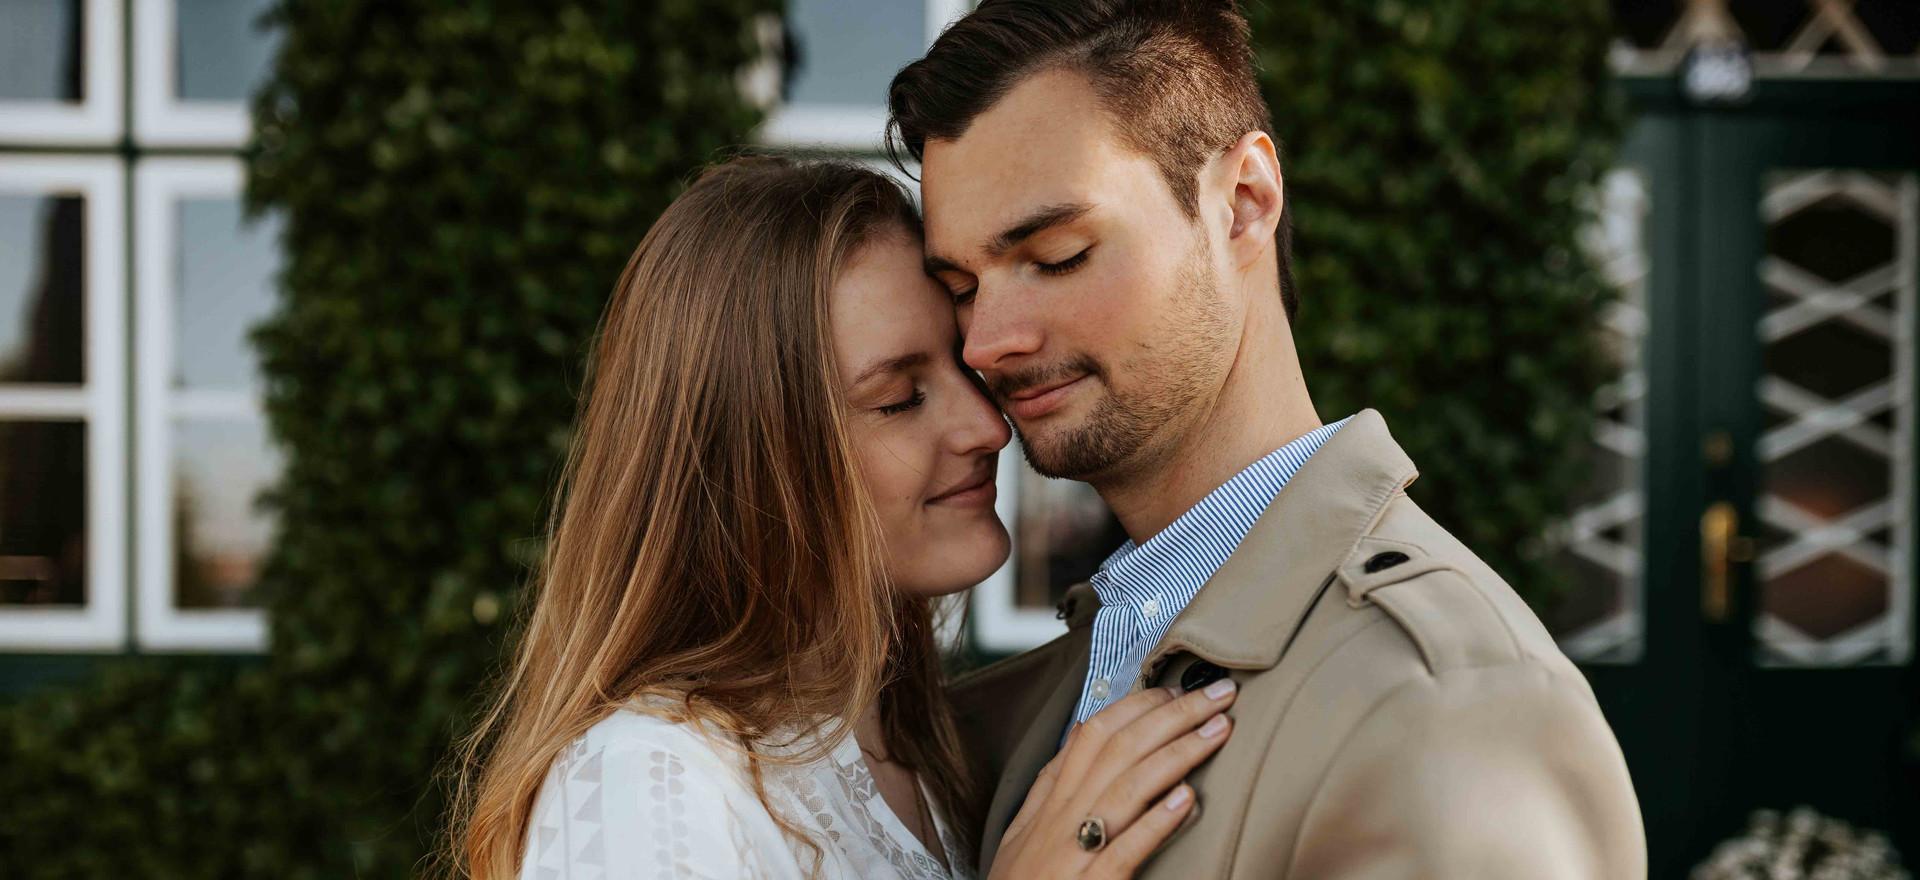 Pärchen • Verlobung • Jubiläum